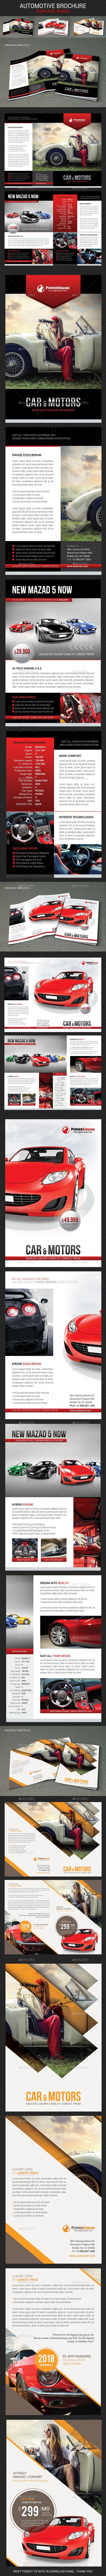 Best 25 Automotive logo ideas on Pinterest